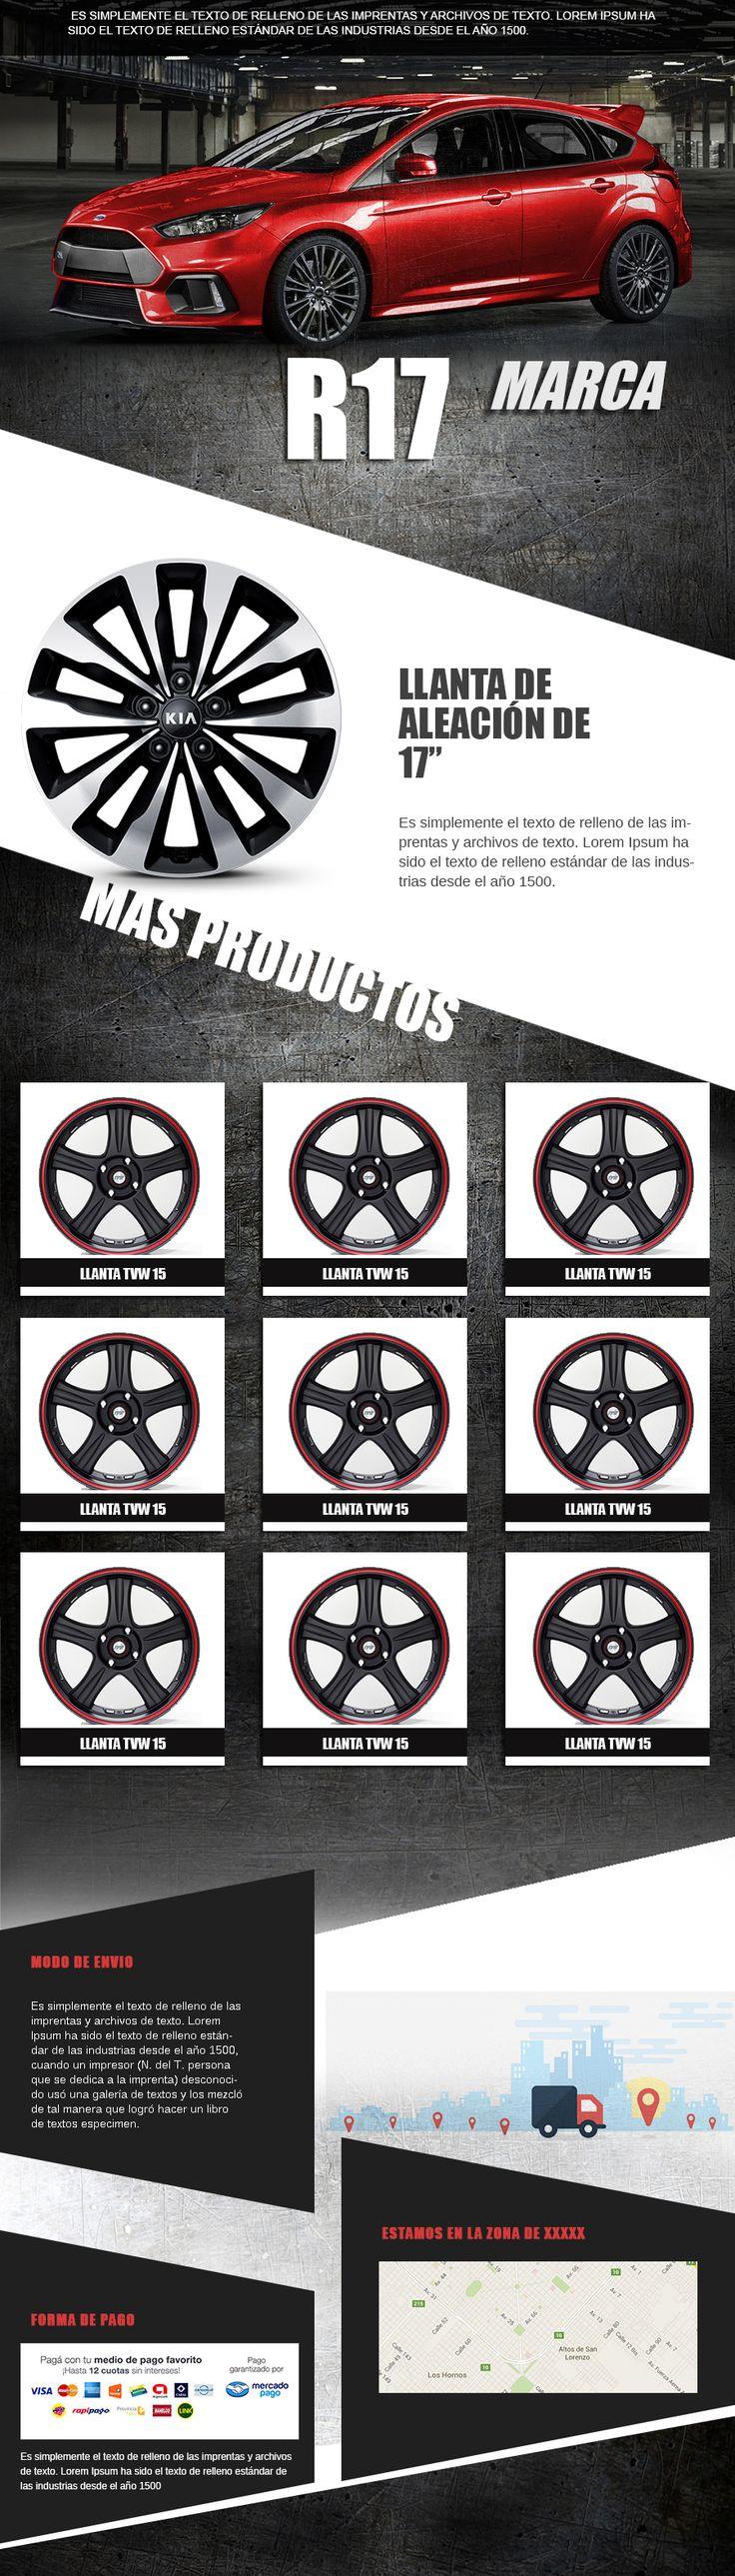 7 best Plantillas Editables Mercadolibre Rubro automotor images on ...